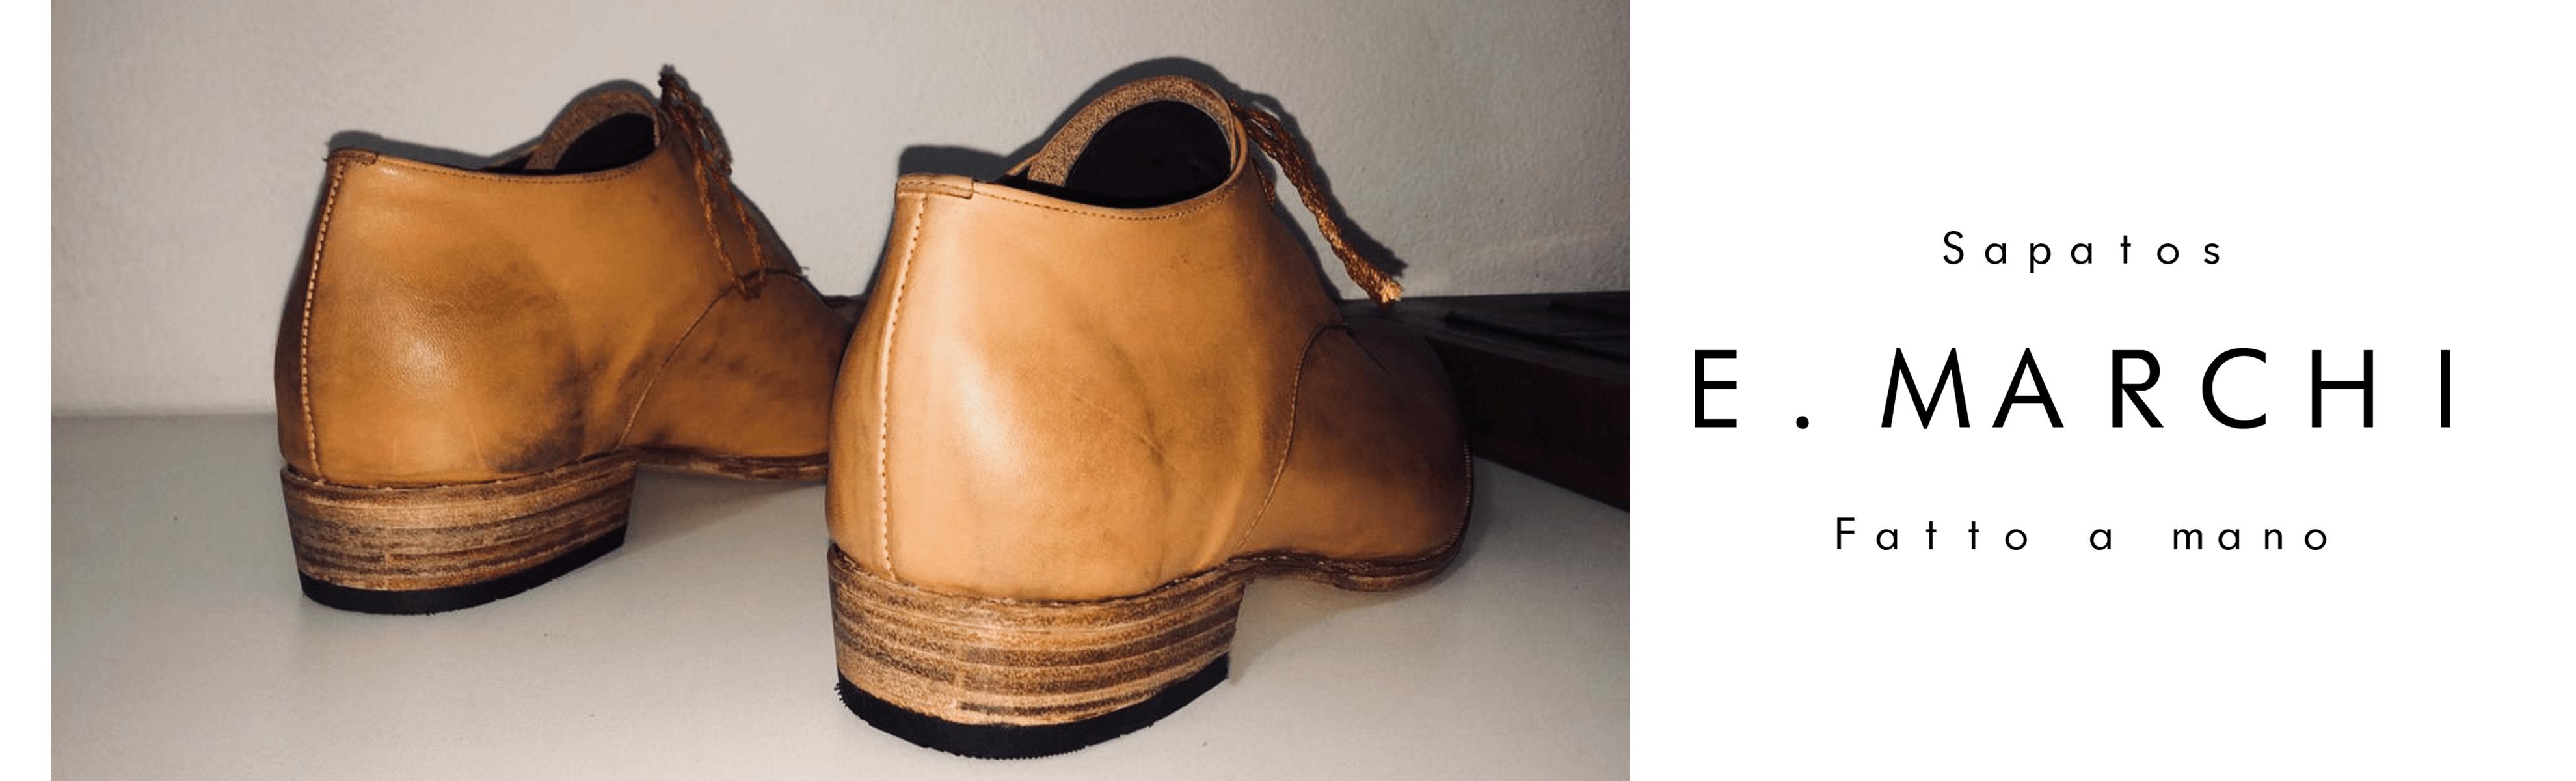 Derby Francisco, sapato masculino fabricado à mão